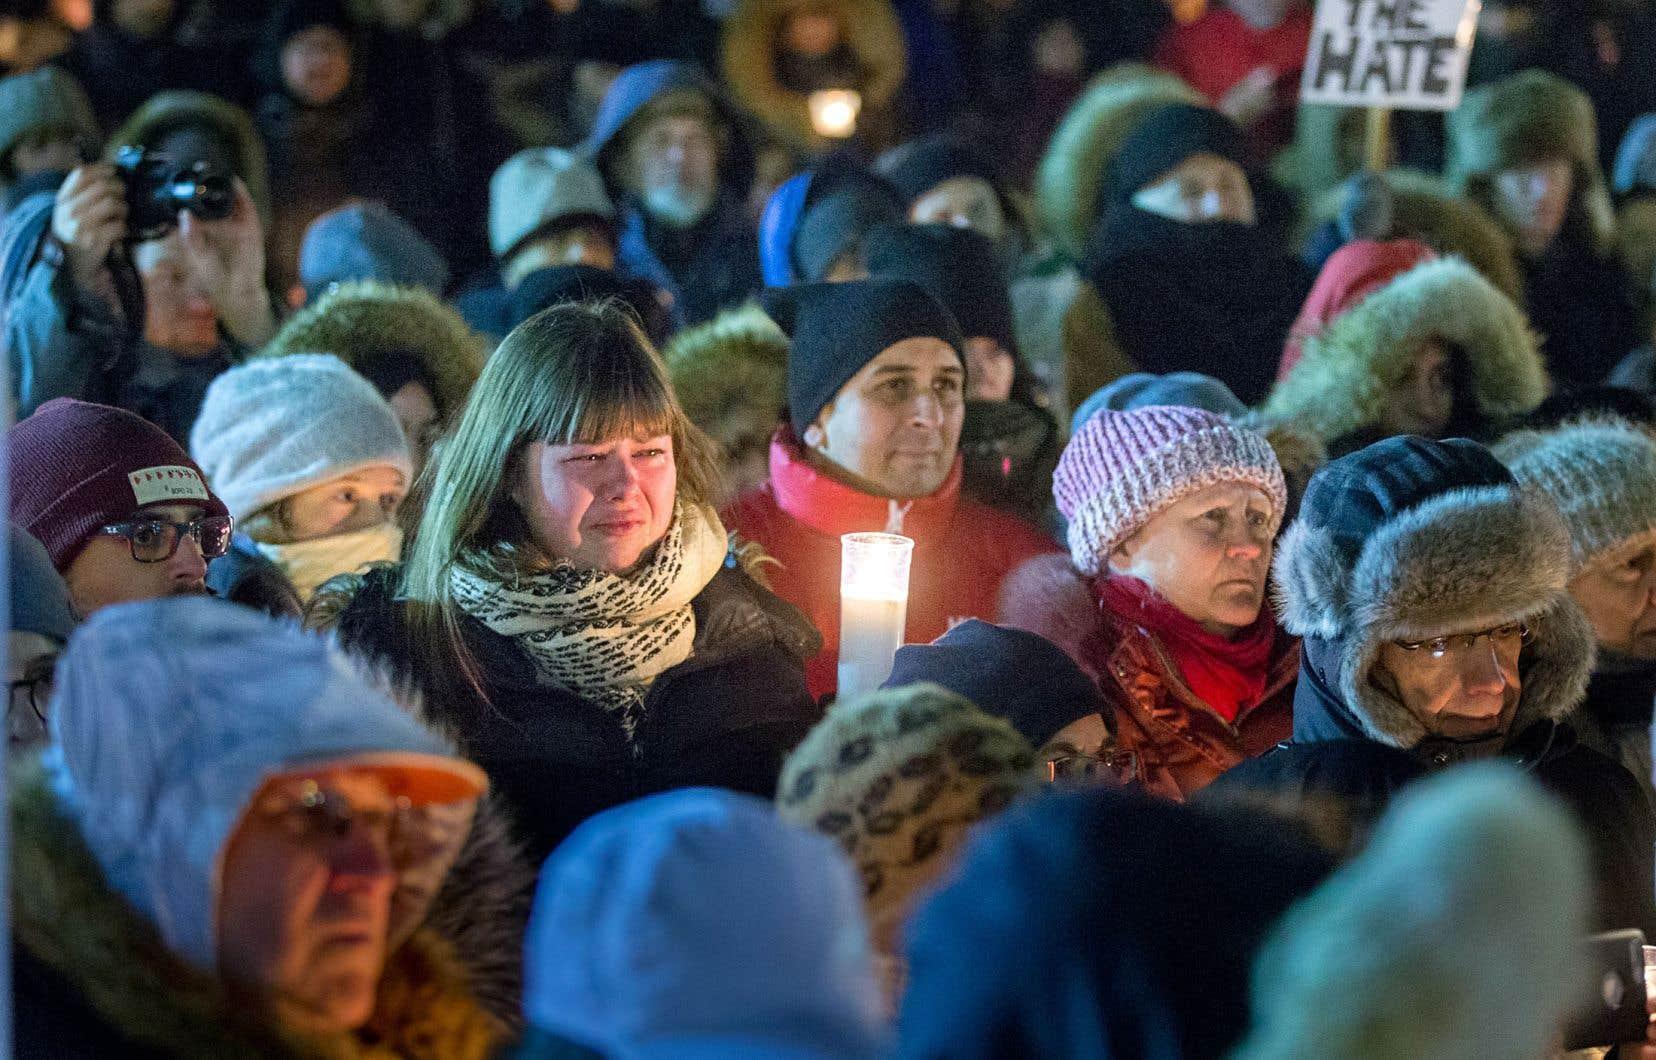 Des centaines de personnes ont rendu hommage aux victimes en participant à des veillées dans les jours suivant l'attaque à la grande mosquée de Québec.